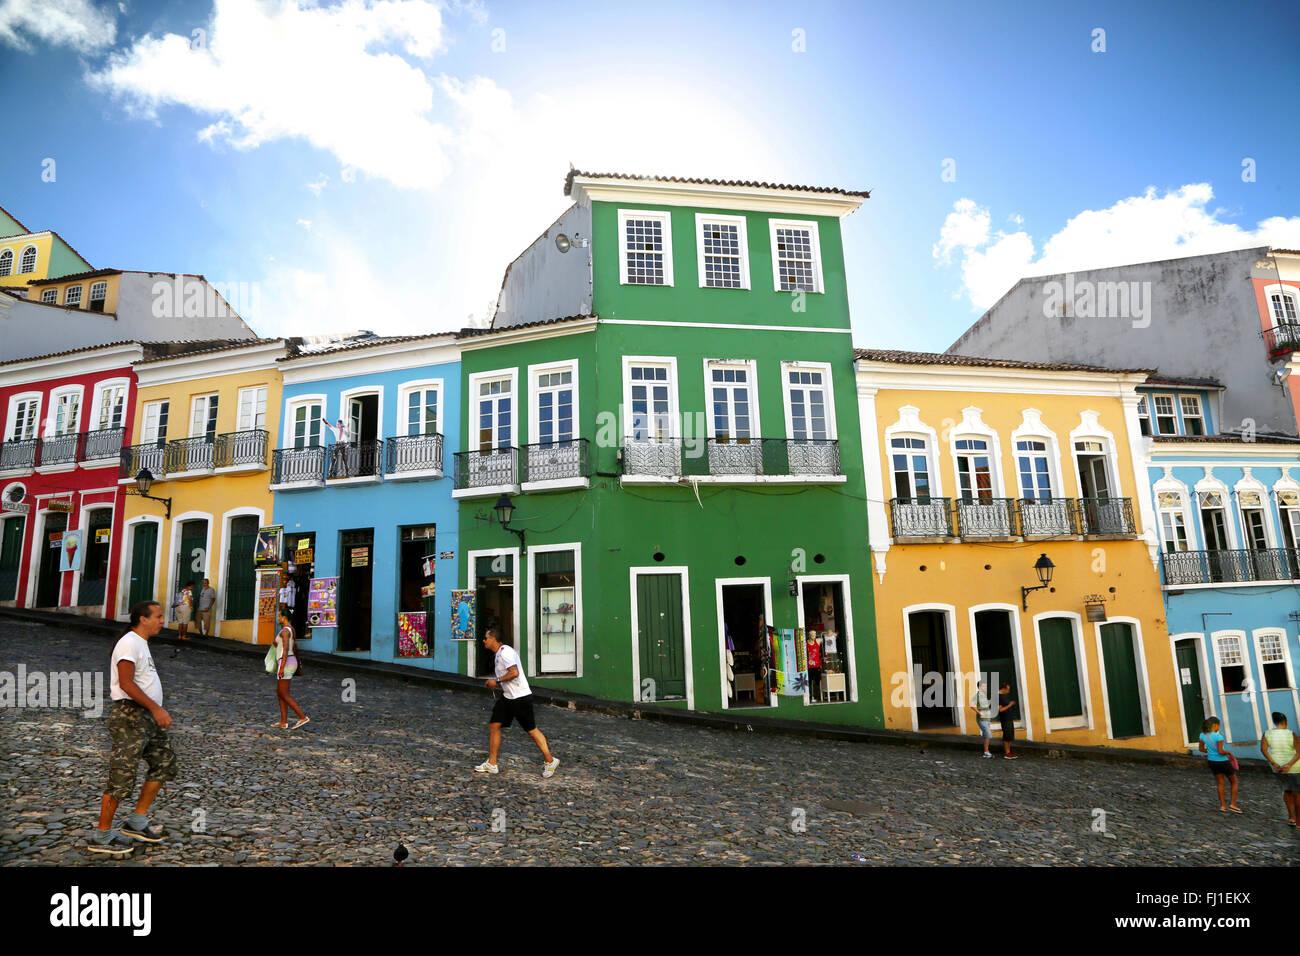 Largo do Pelourinho est un quartier historique situé dans la zone ouest de Salvador de Bahia, au Brésil. Photo Stock